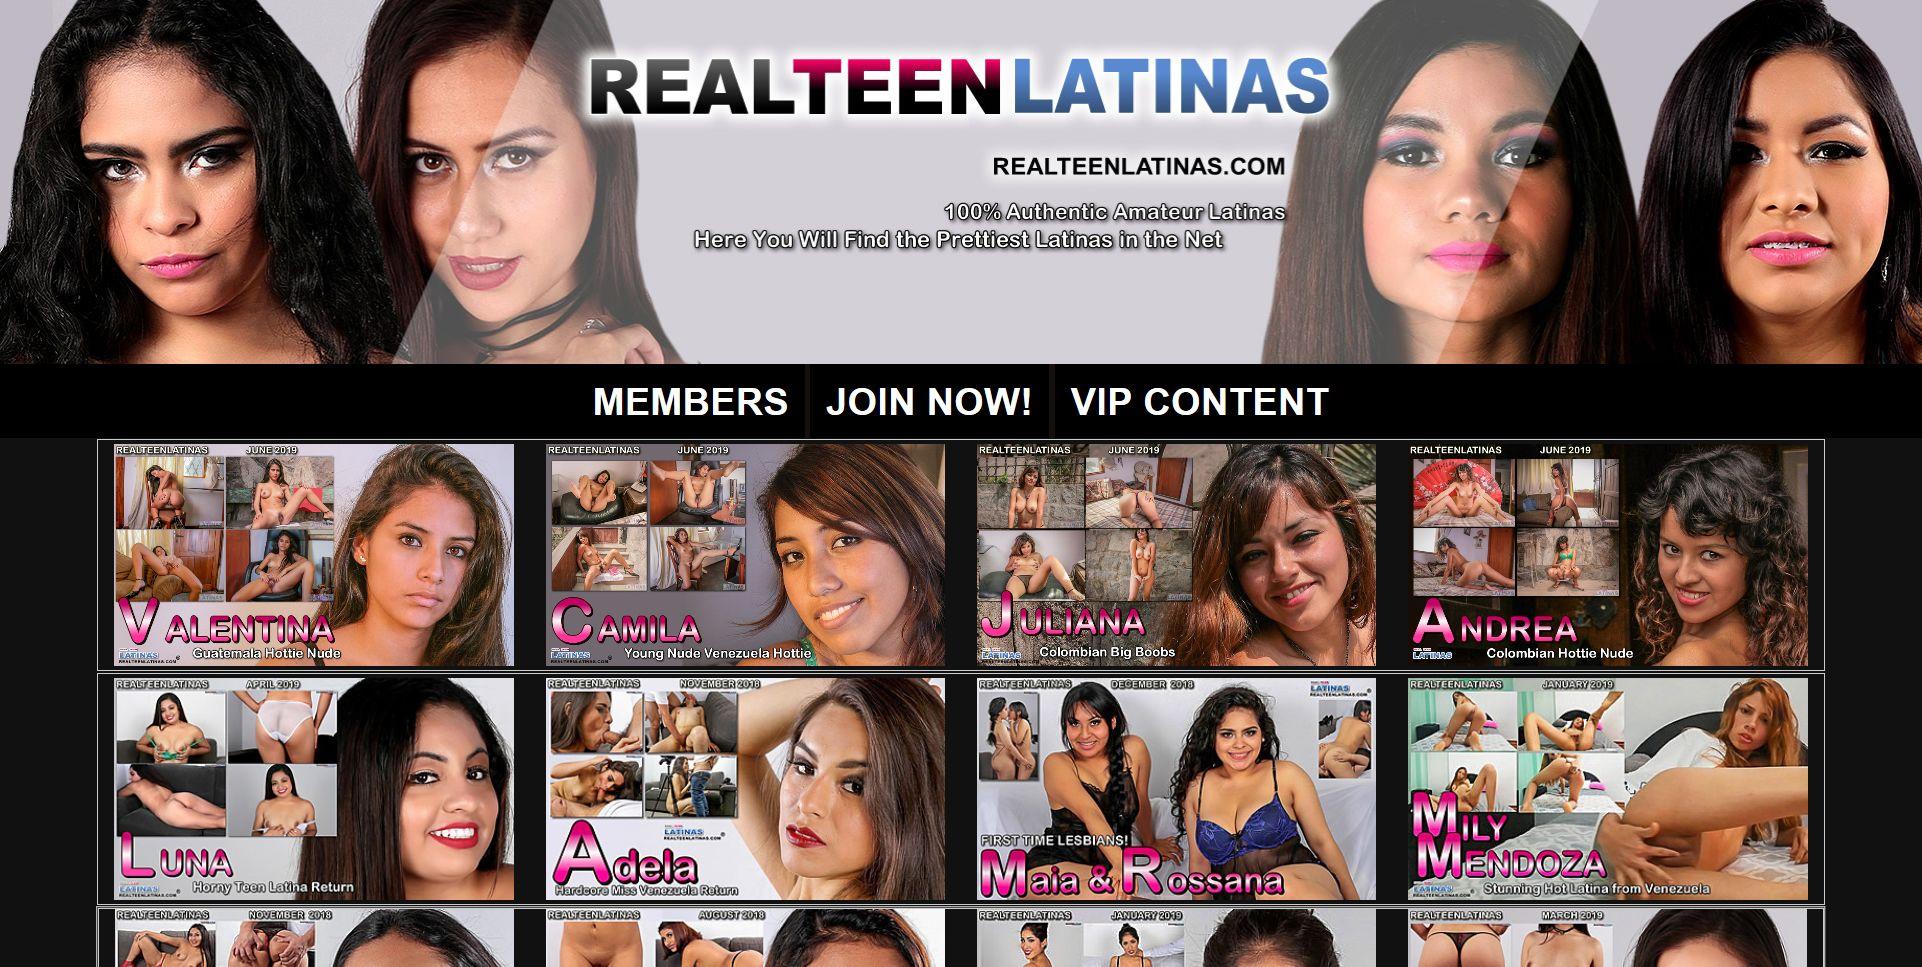 preview image password  for realteenlatinas.com